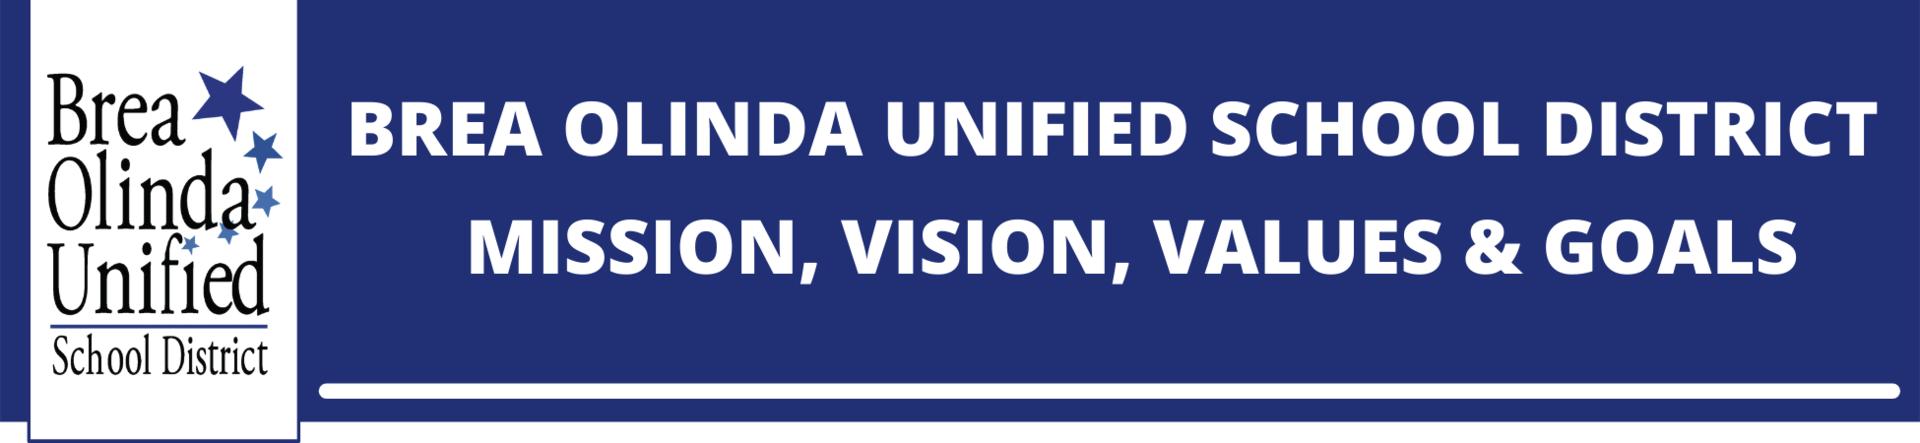 BOUSD Mission, Vision, Values & Goals